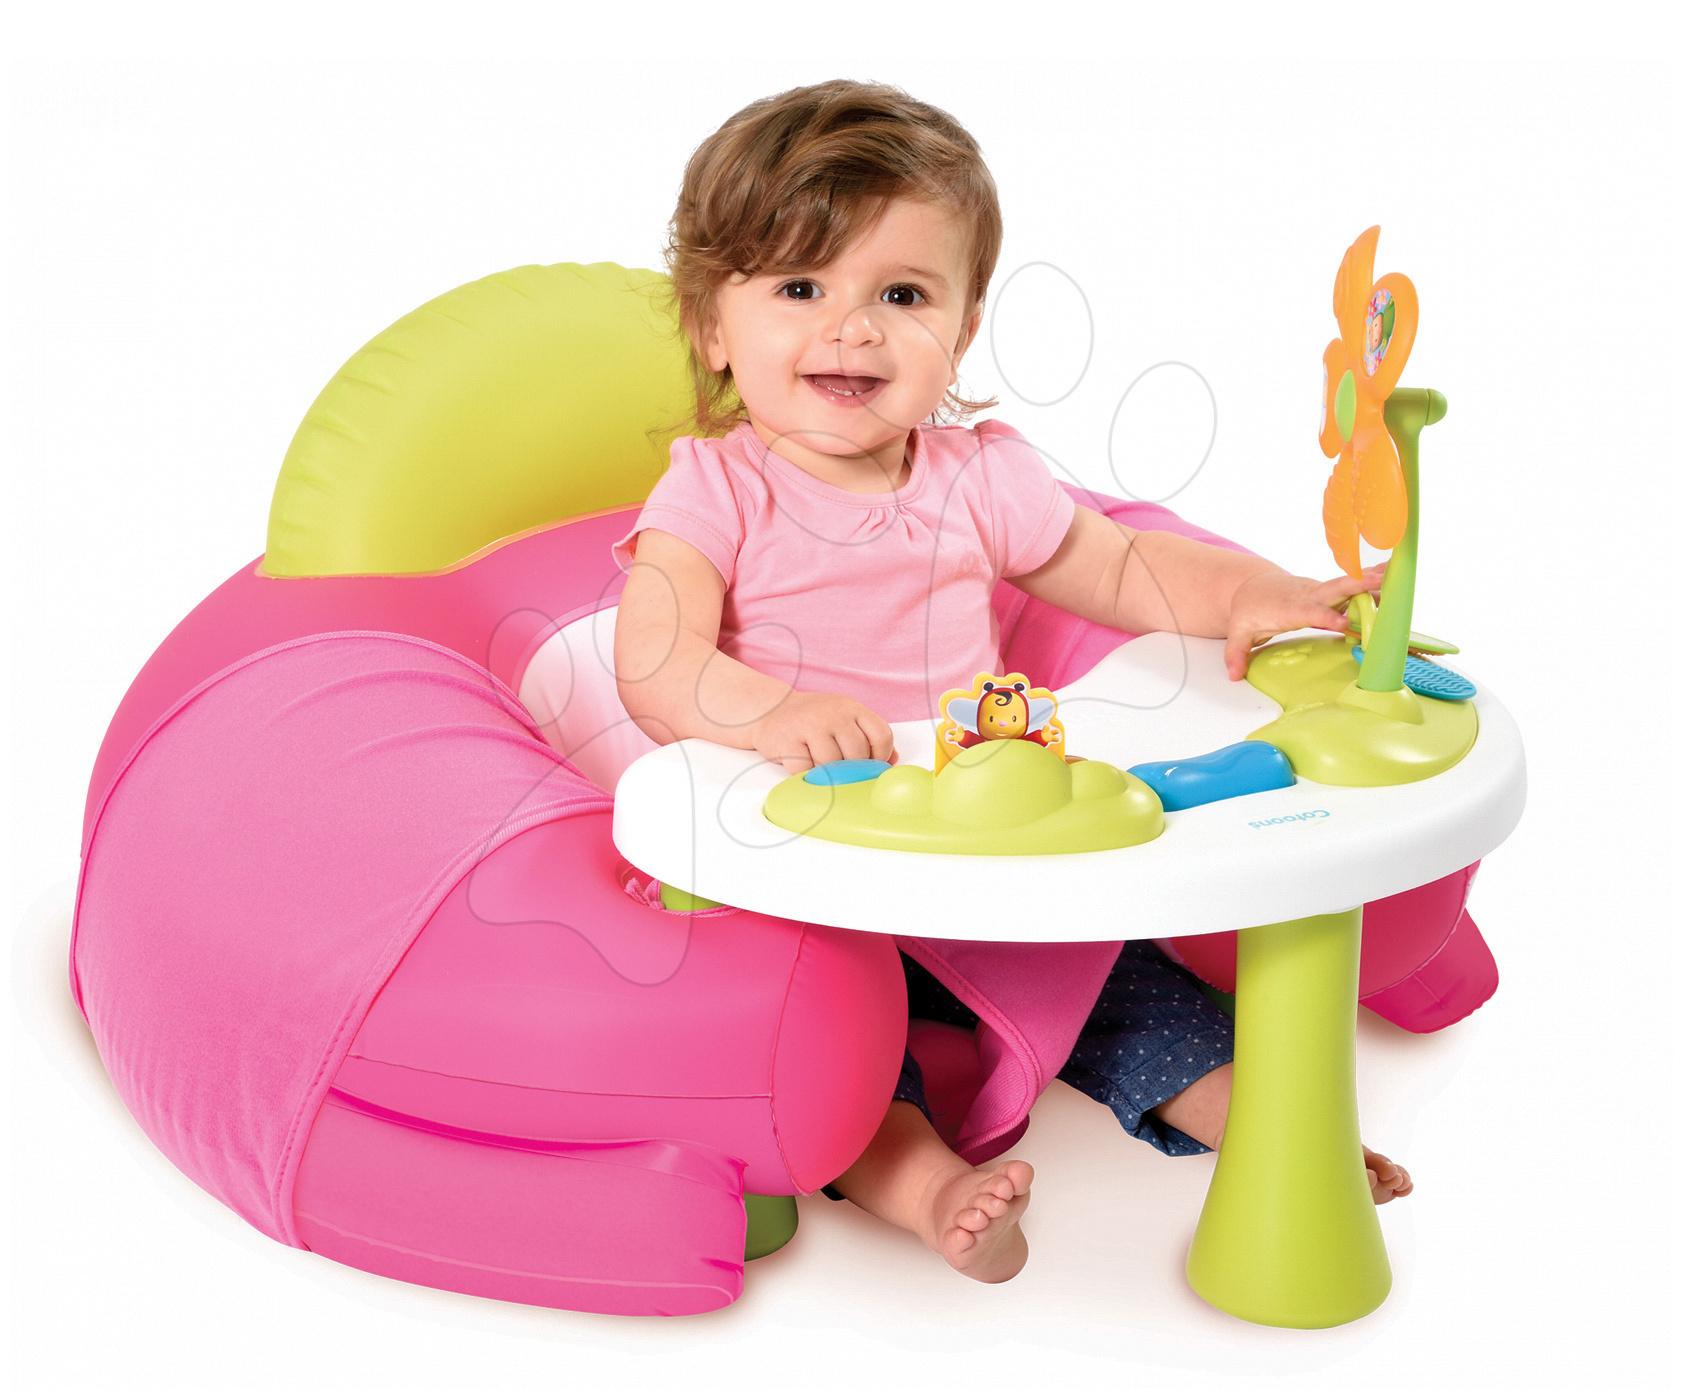 Detské sedačky - Nafukovacie kreslo Cotoons Smoby s didaktickým stolom ružové od 6 mes